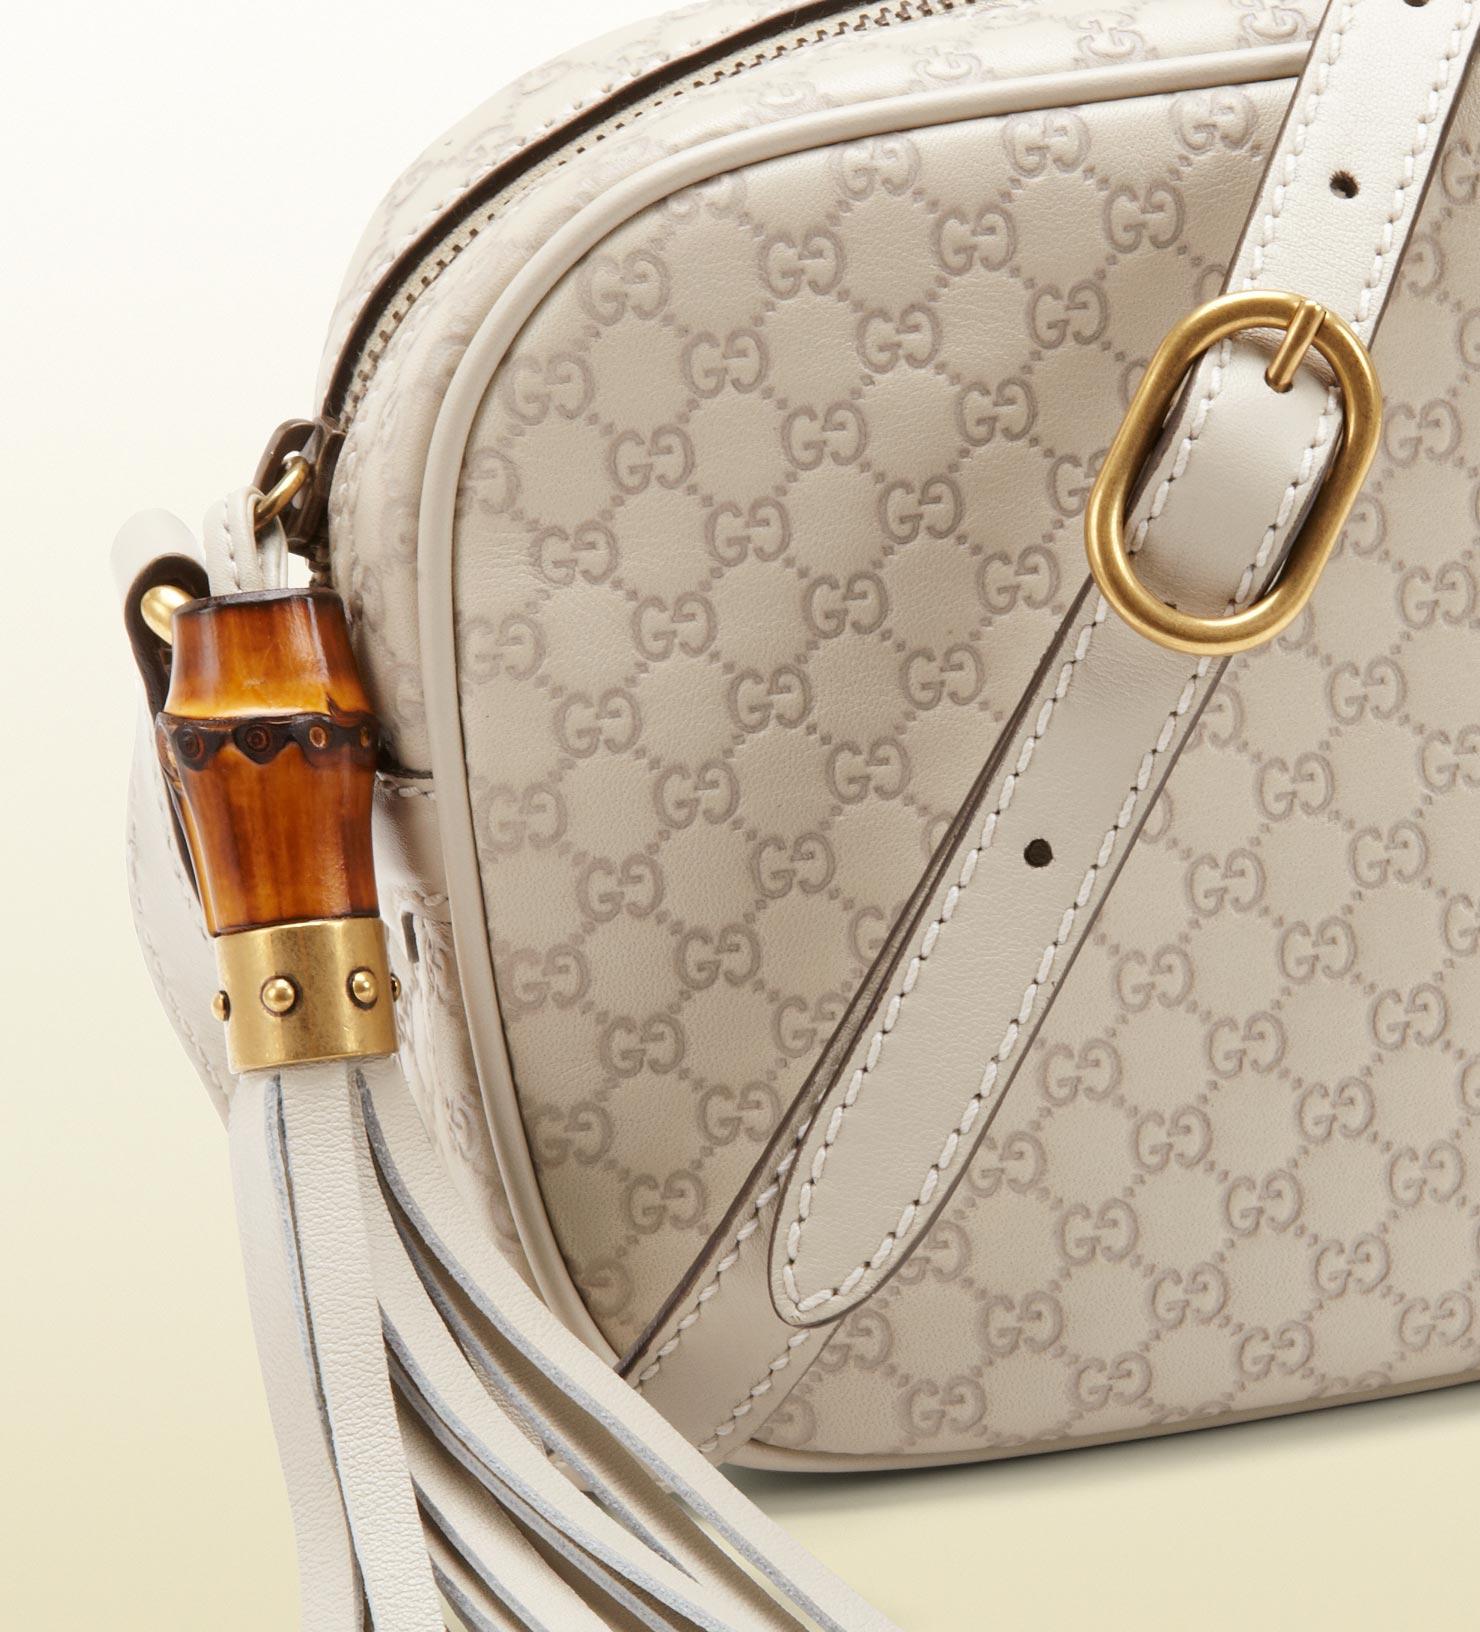 31022b9f375 Gucci Sunshine White Microguccissima Disco Bag in White - Lyst